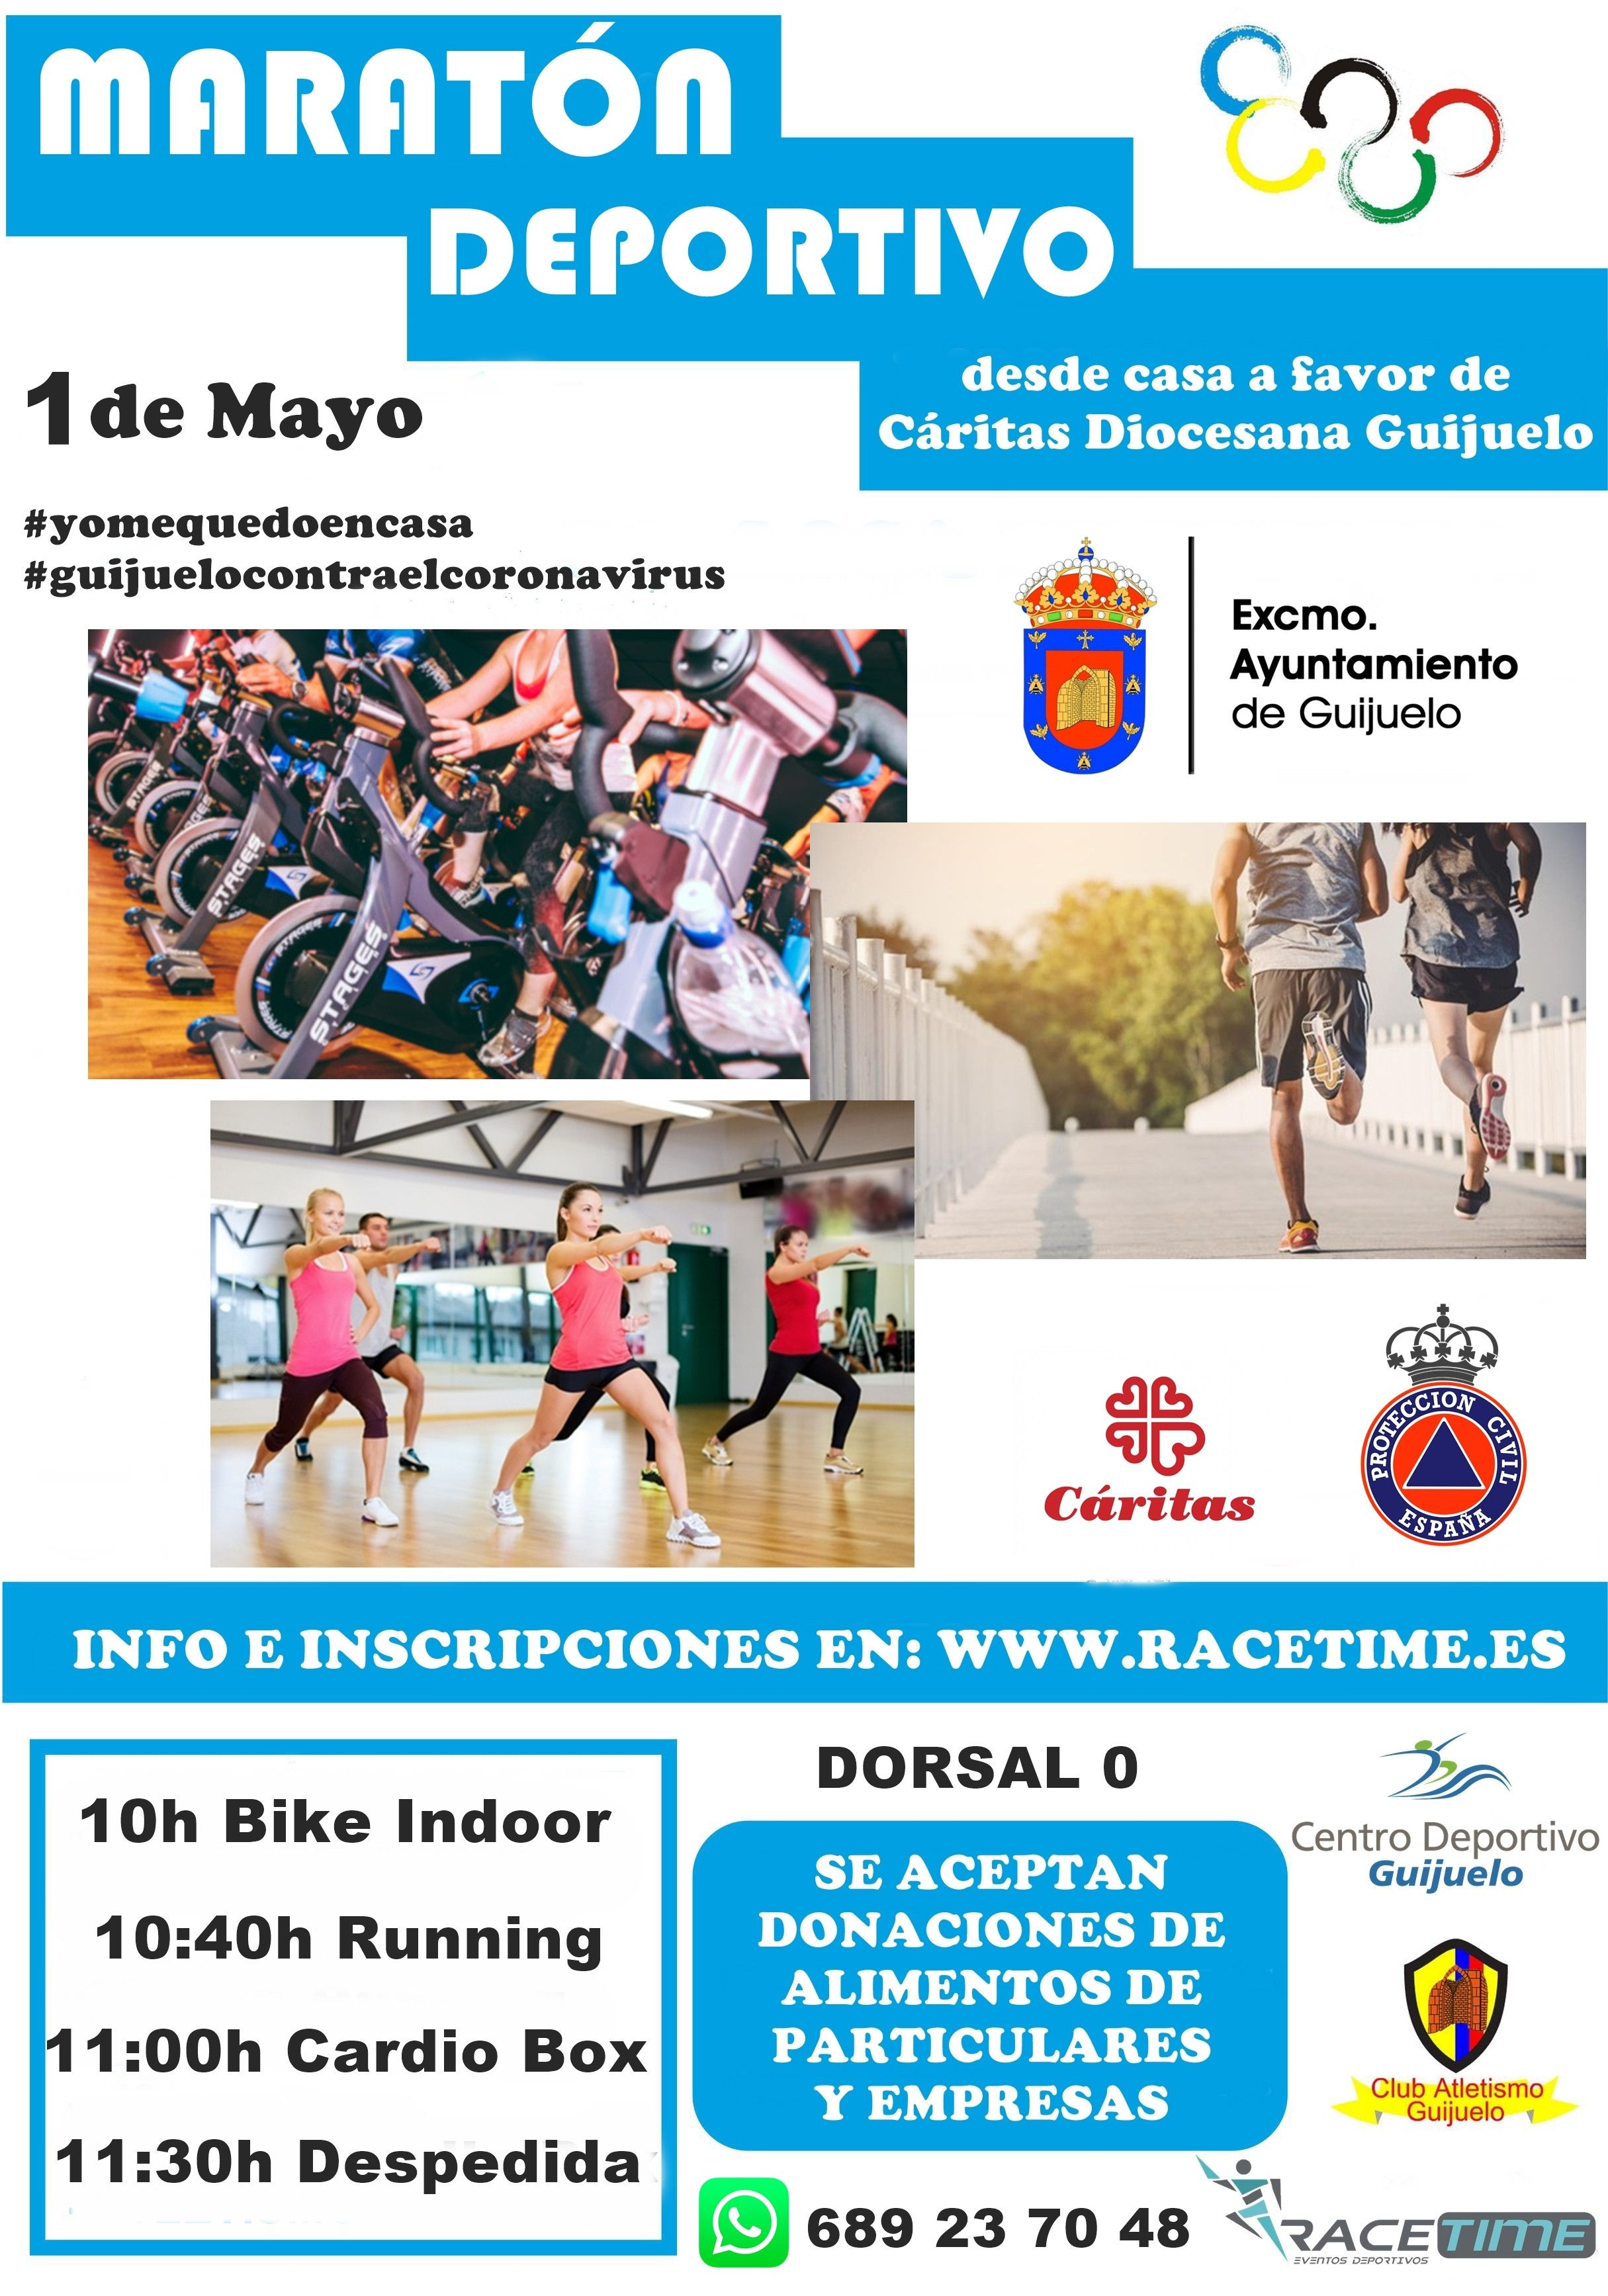 Maraton Deportivo Solidario en Guijuelo 1 mayo